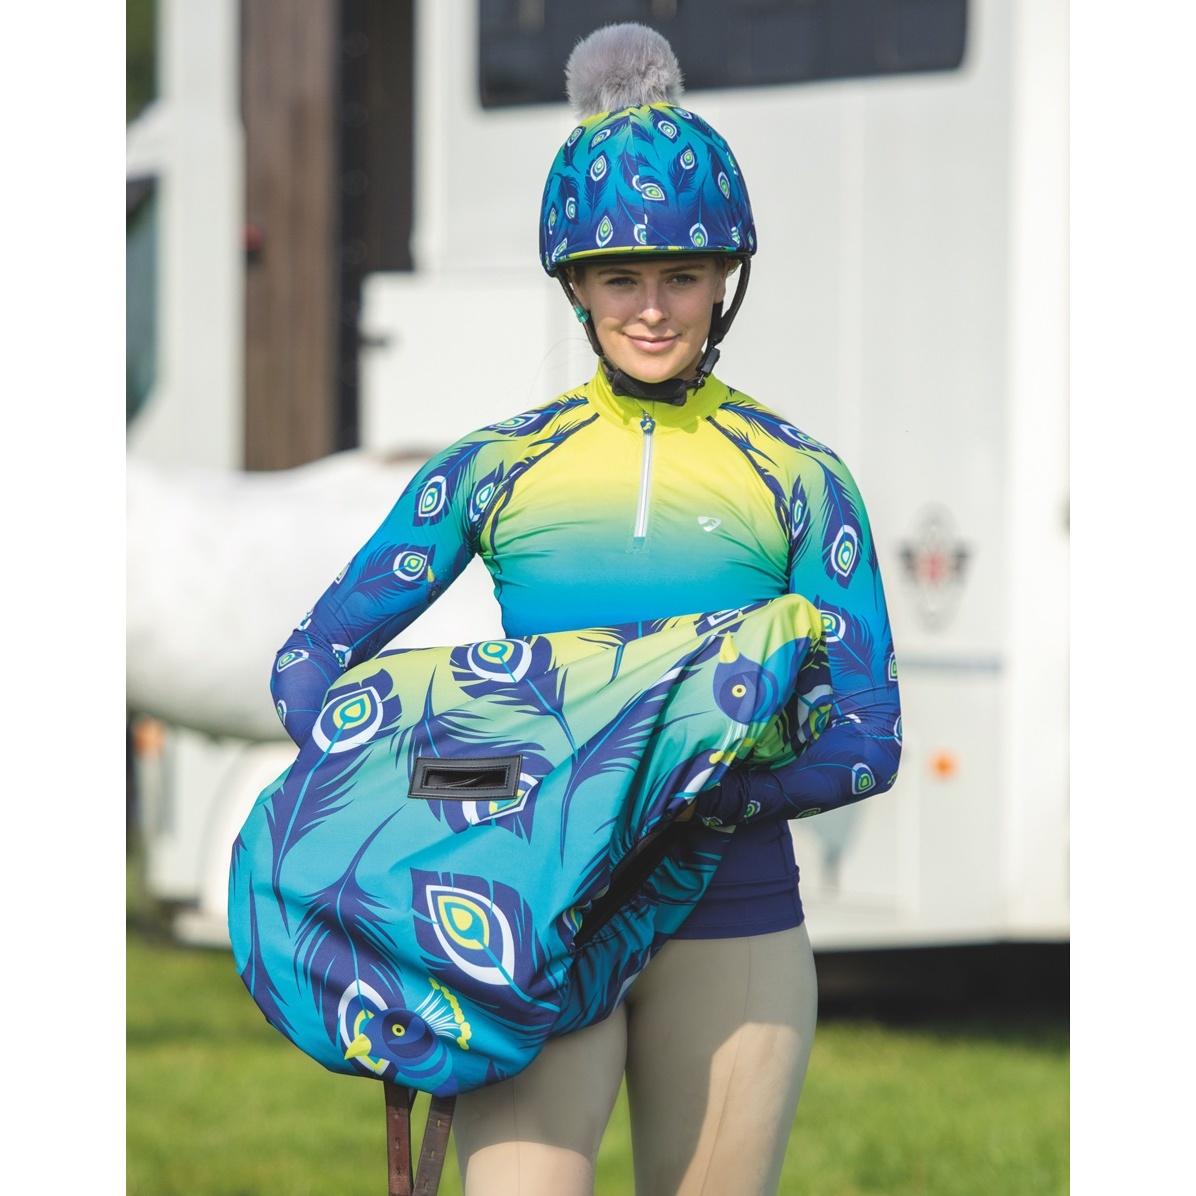 シルク 上質 帽子カバー 馬術 競技会 ホースライディング オーブリオン Aubrion 乗馬 Hyde 送料無料(一部地域を除く) ピーコック ユニセックス ハットカバー Park 海外直送